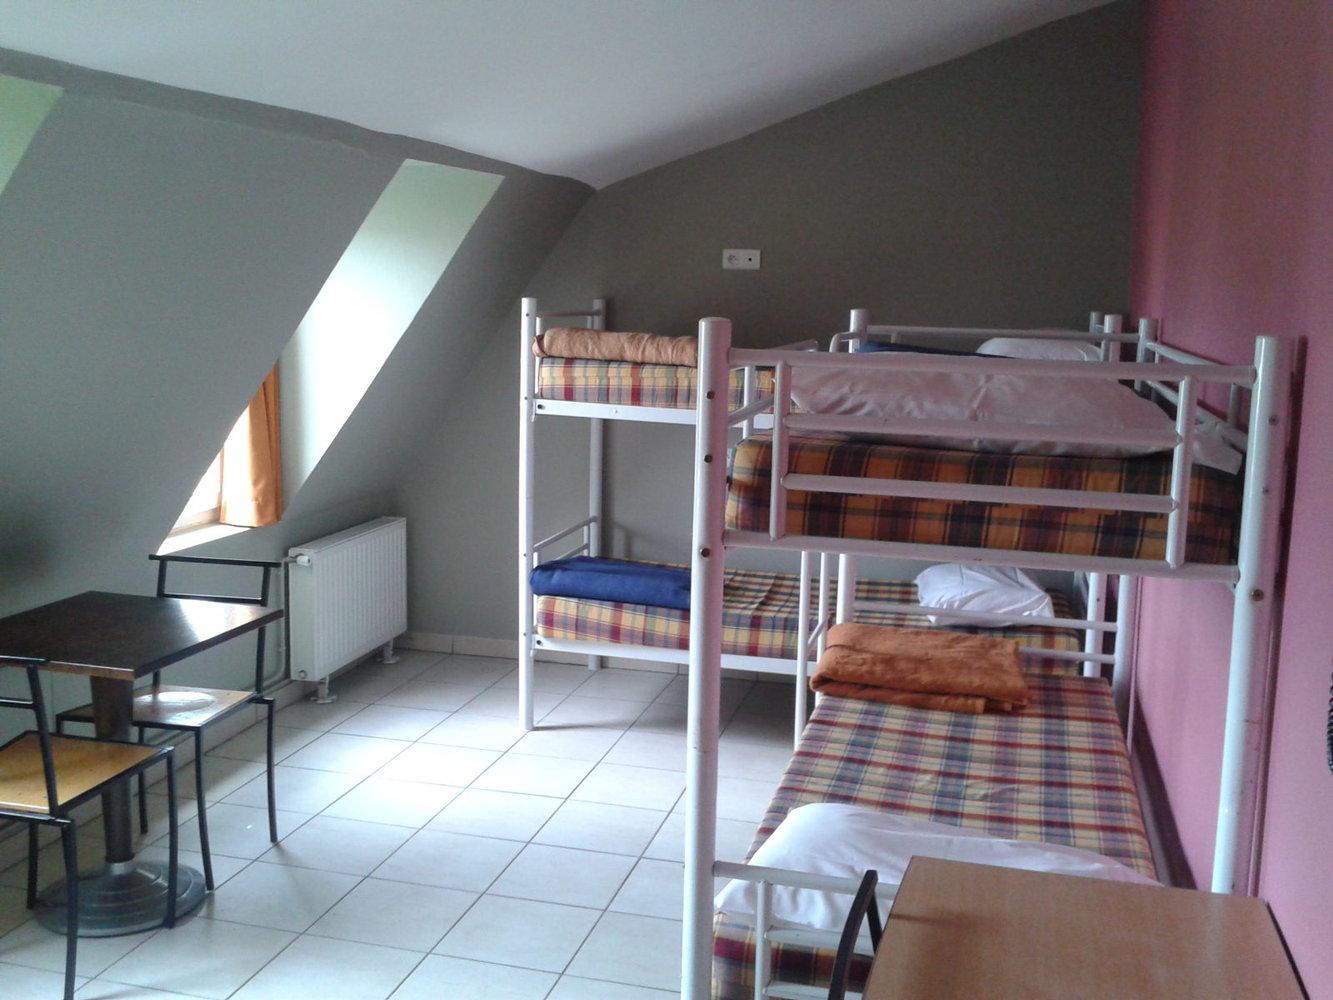 Le montclair montmartre hostel